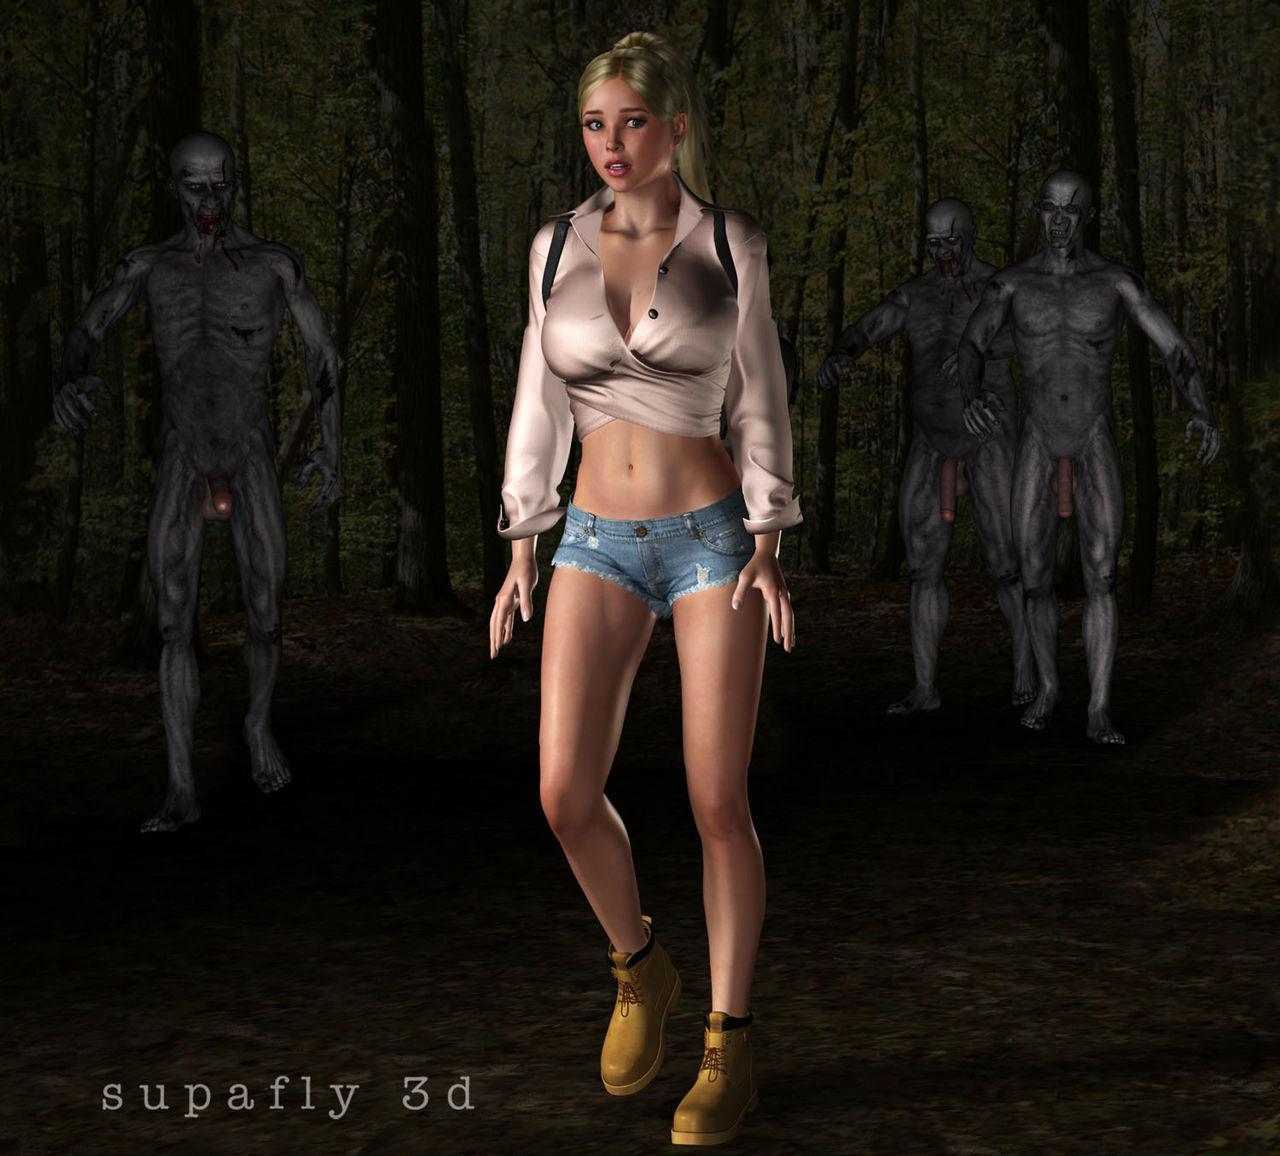 SupaFly 3D - part 2